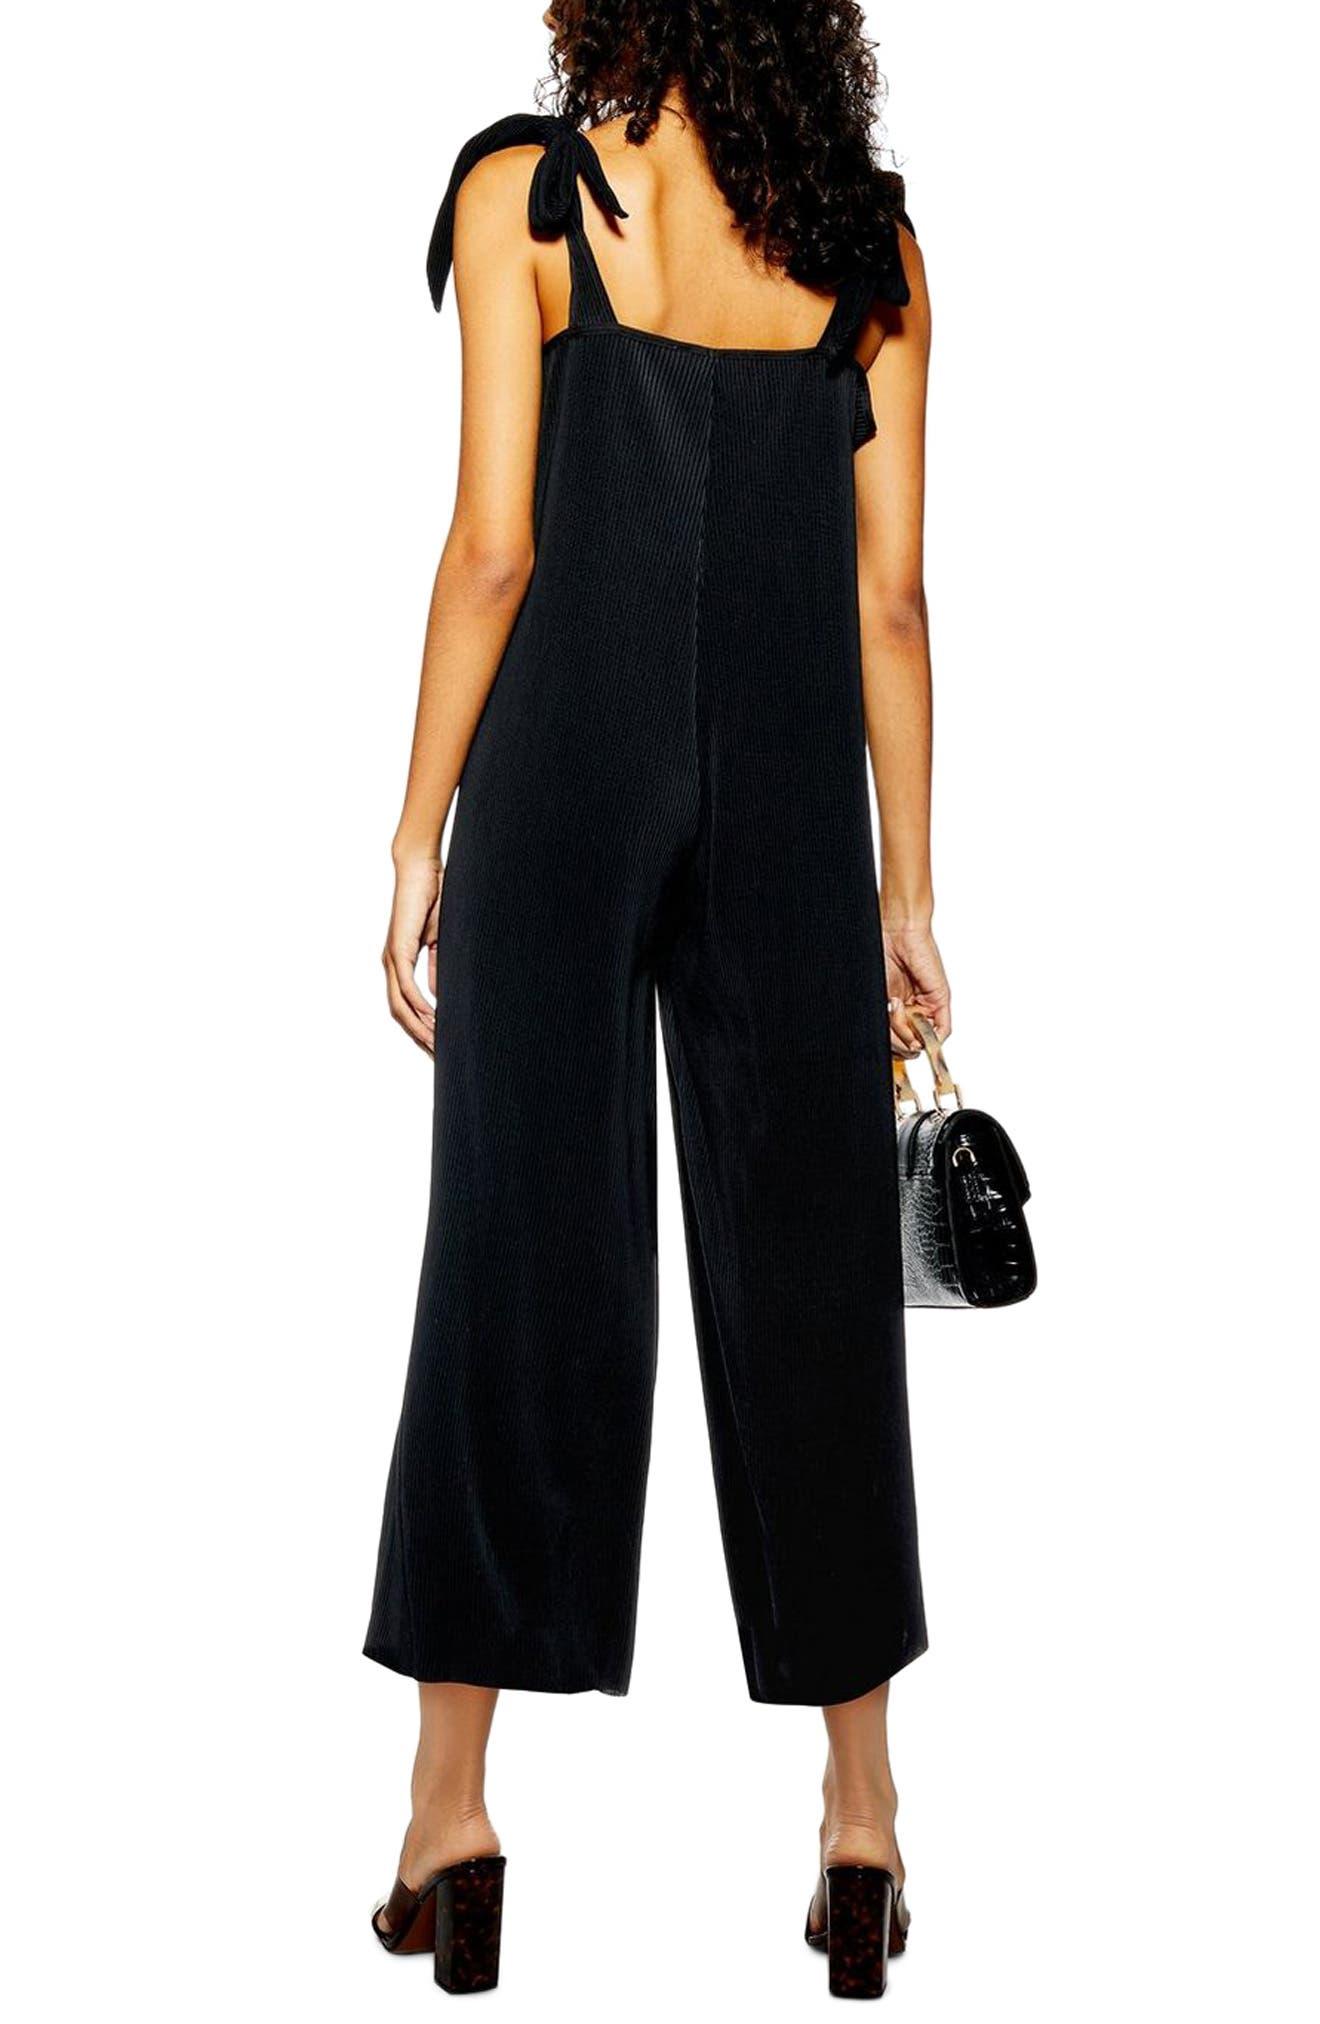 TOPSHOP, Tie Shoulder Crop Jumpsuit, Alternate thumbnail 2, color, BLACK